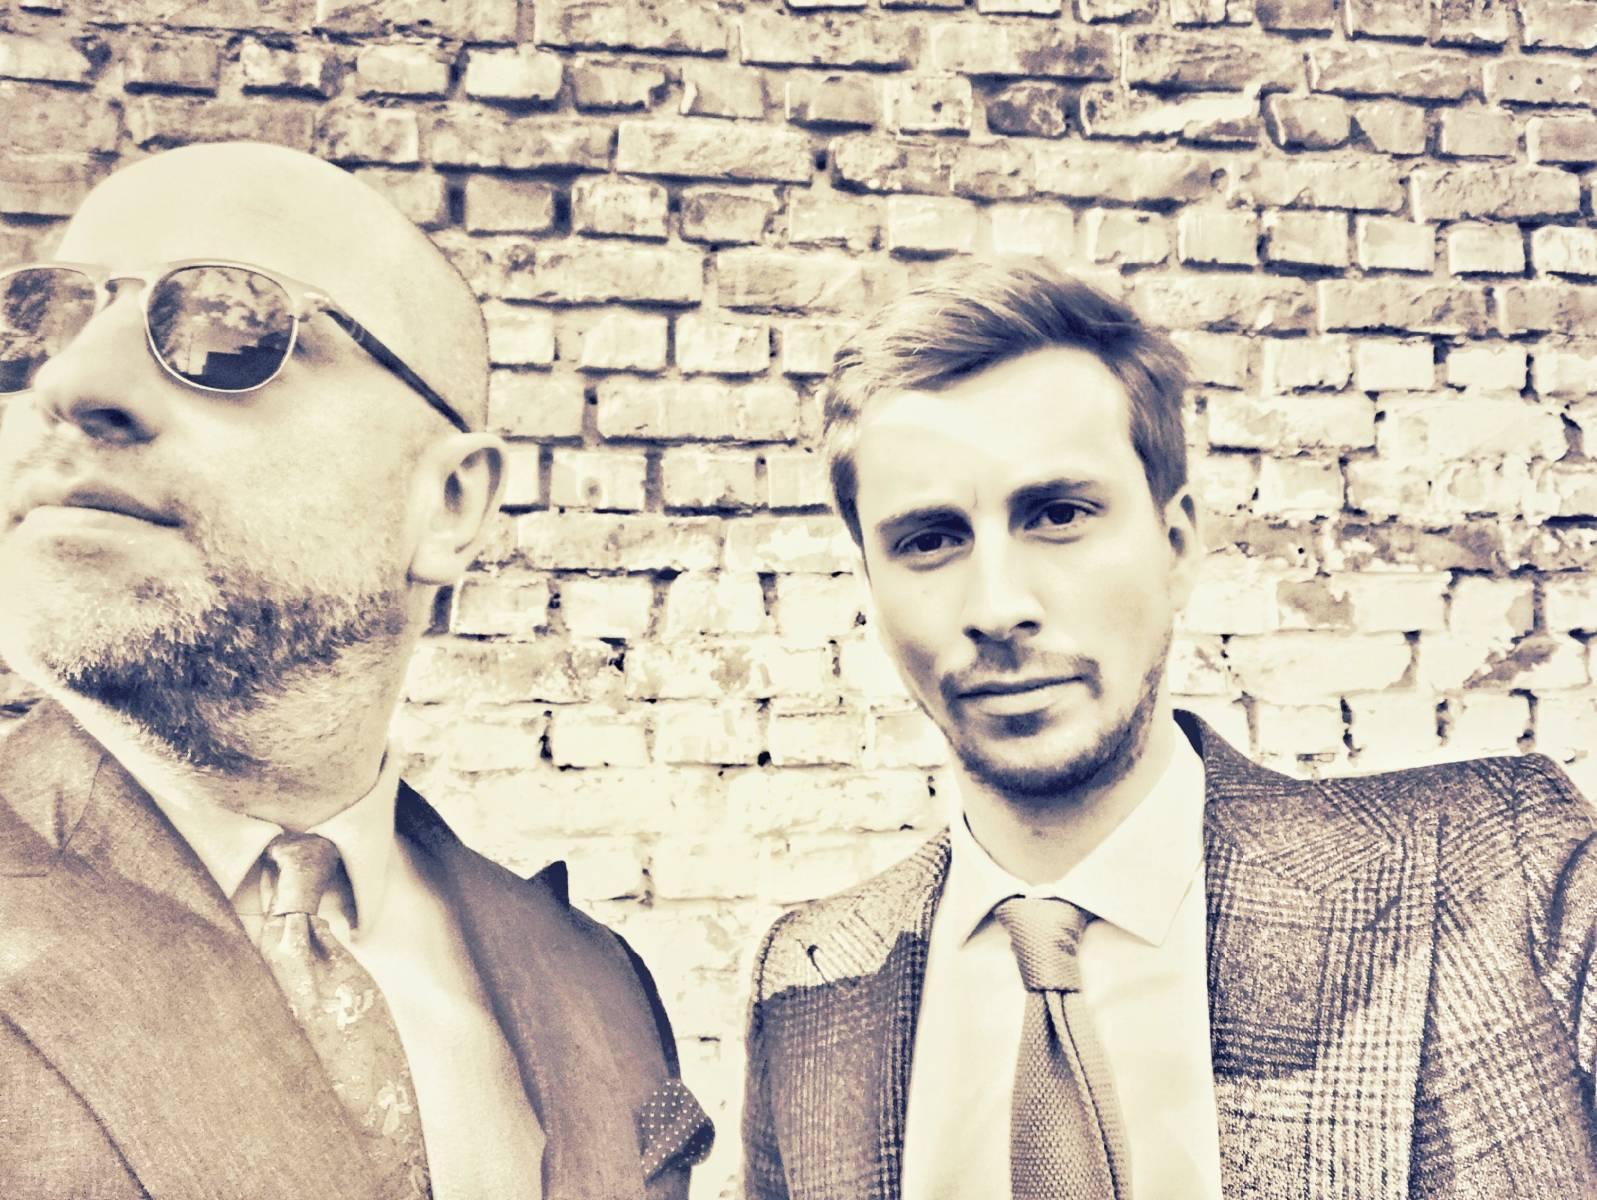 Ruben O Tailors - Trouwkostuum - Maatpak - Huwelijk - House of Weddings - 4